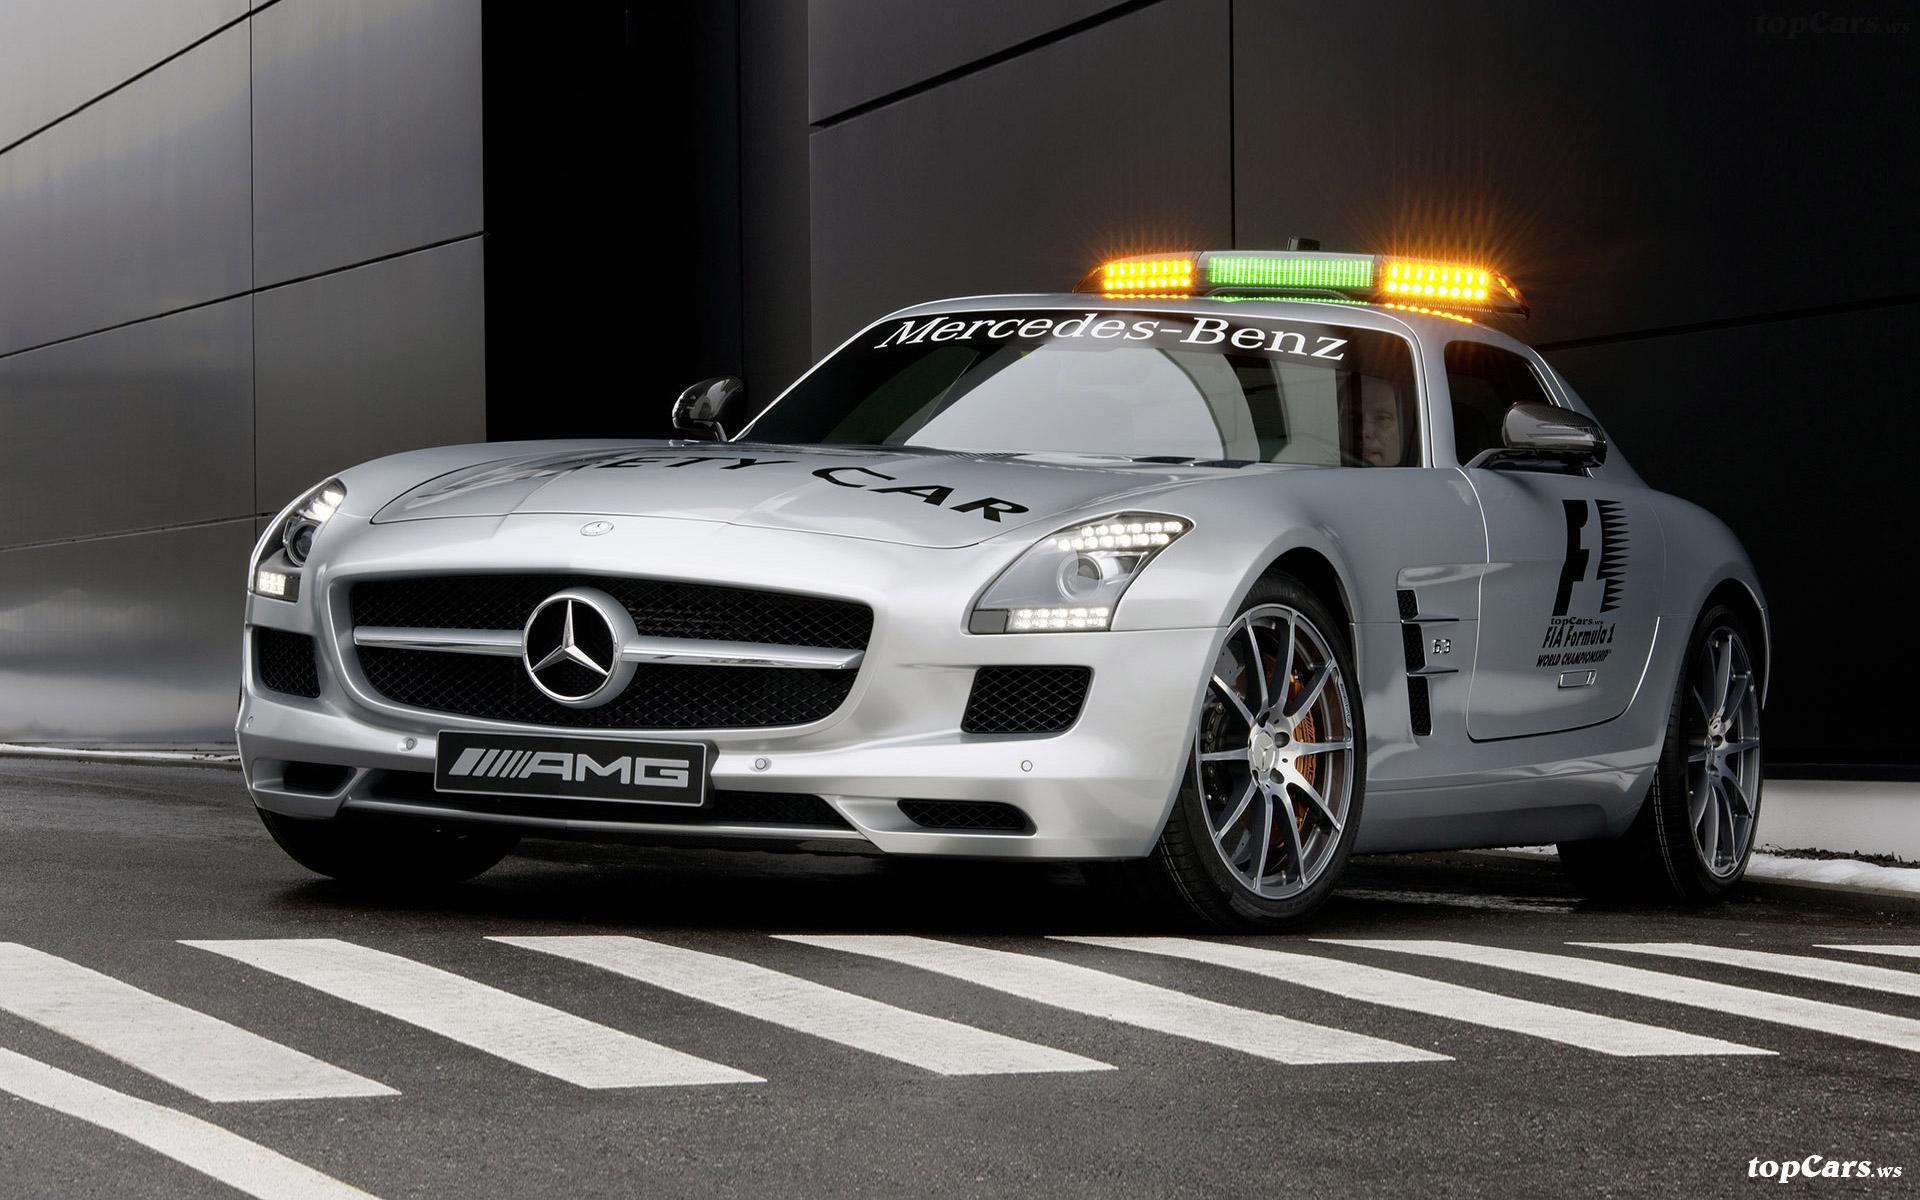 SLS AMG: F1 Safety Car